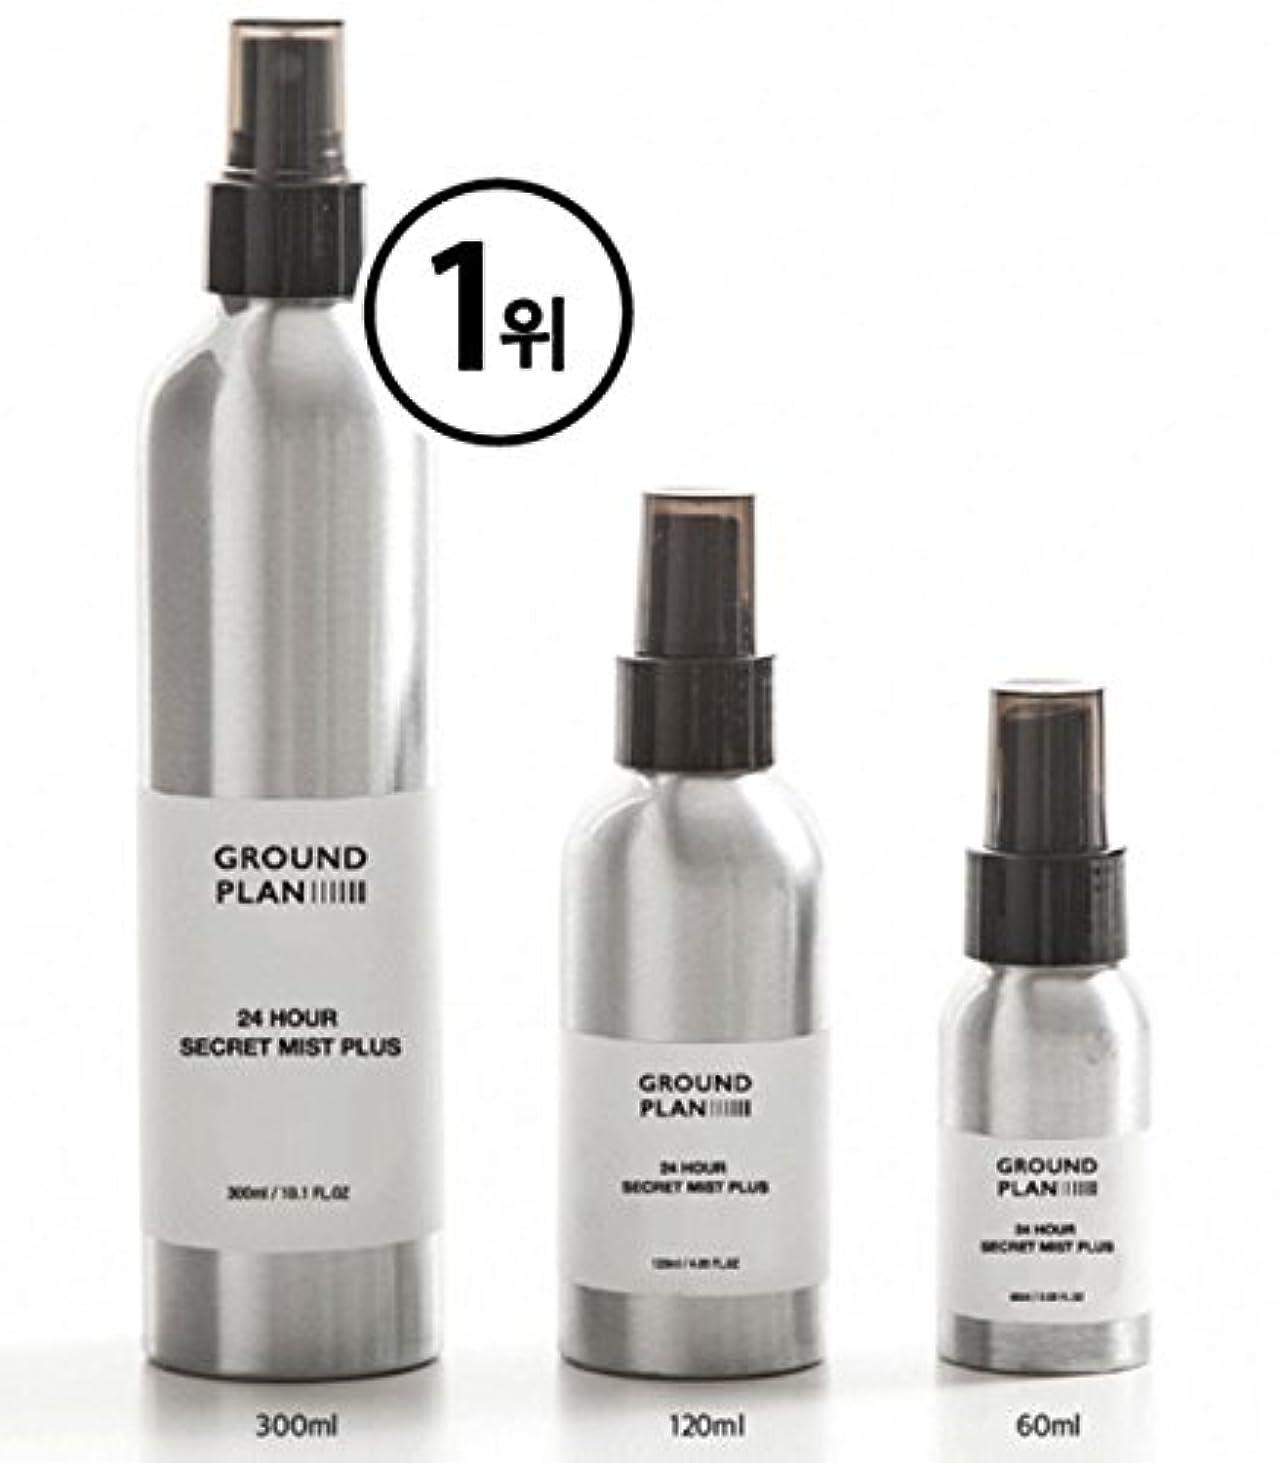 デッキベースギャラントリー[グラウンド?プラン] 24Hour 秘密 スキンミスト Plus (120ml) (300ml) Ground plan 24 Hour Secret Skin Mist Plus [海外直送品] (120ml)